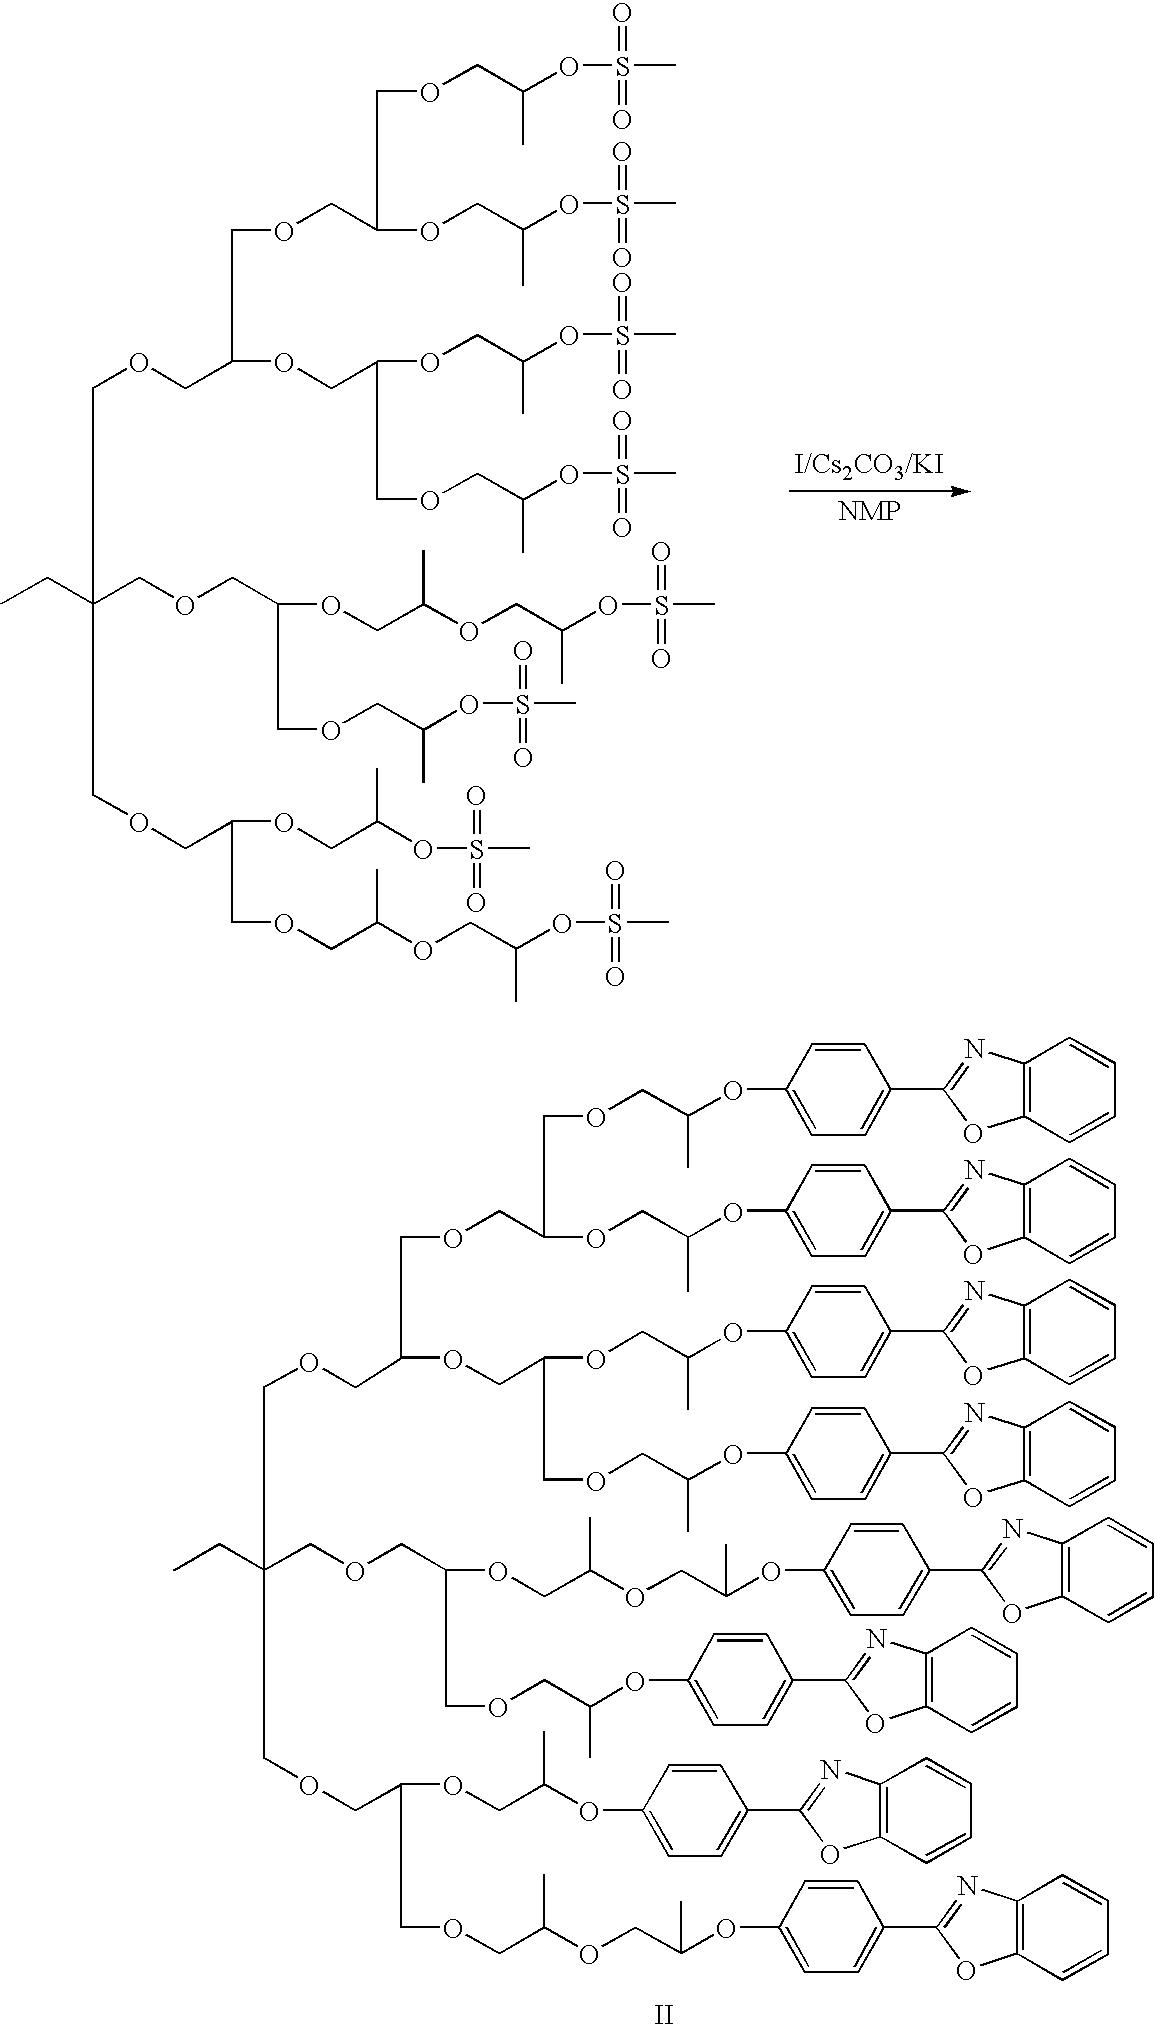 Figure US20080081025A1-20080403-C00020